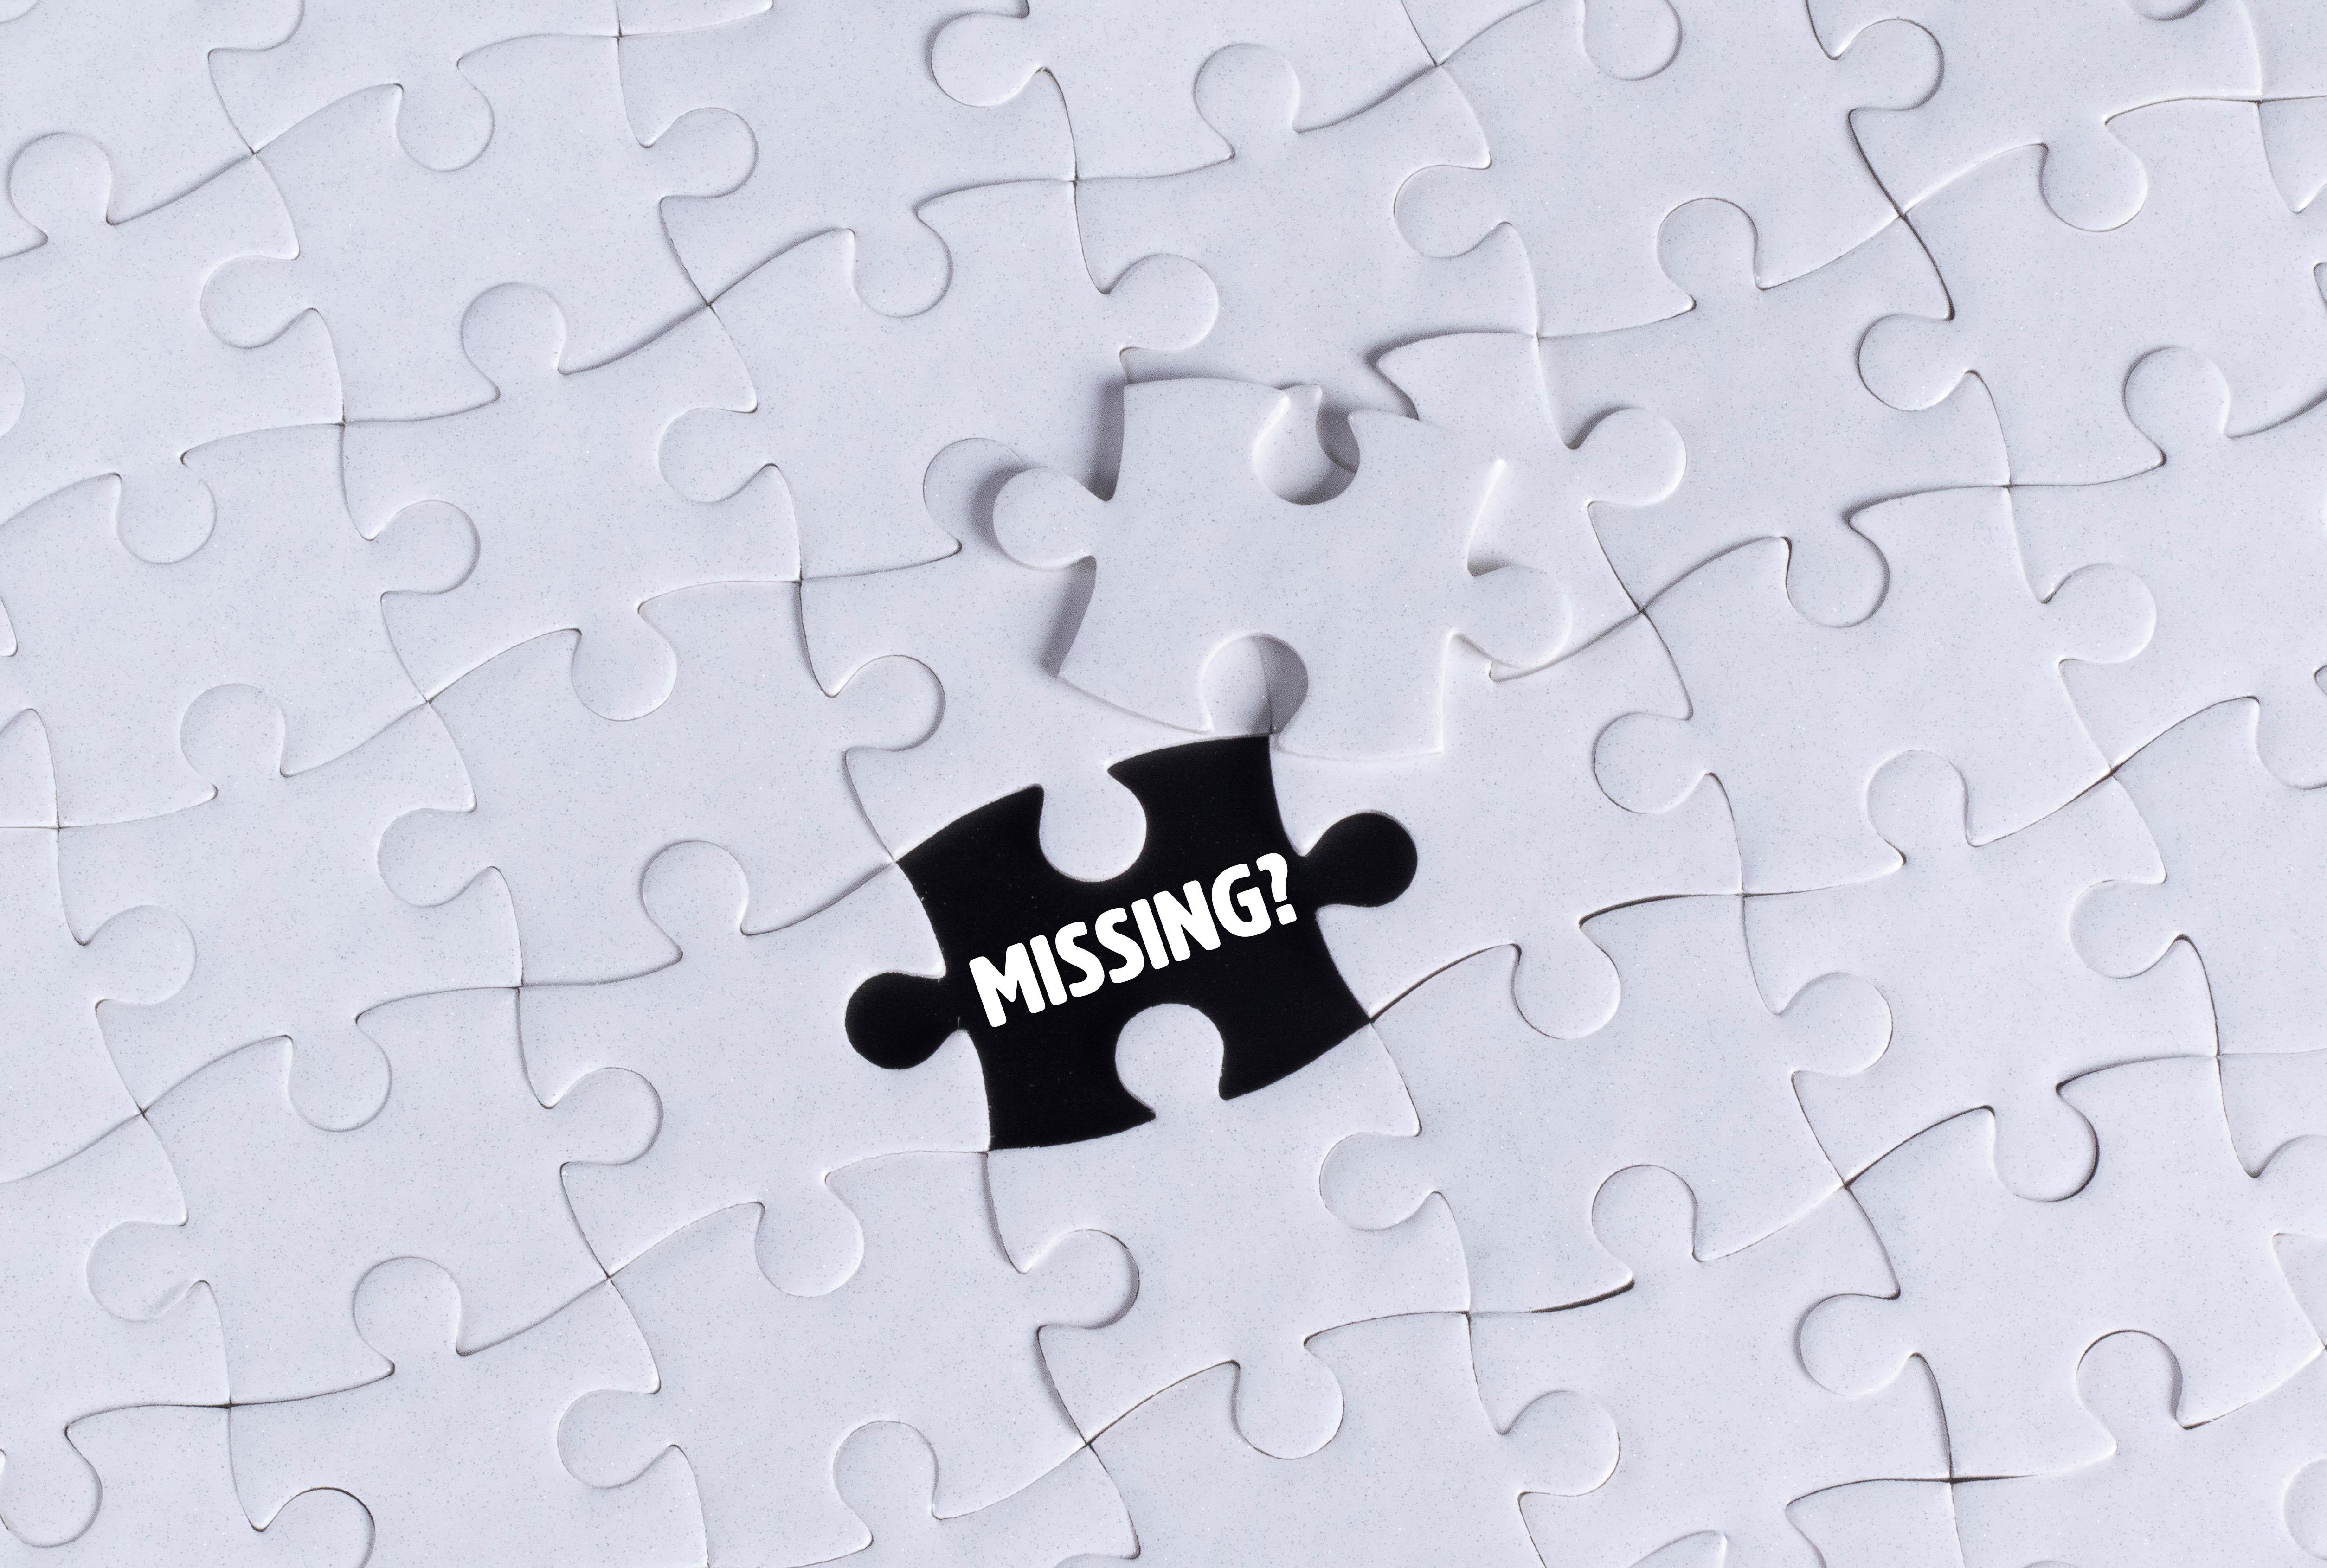 140076 Hintergrundbild 320x480 kostenlos auf deinem Handy, lade Bilder Die Wörter, Wörter, Wort, Frage, Puzzle, Jigsaw, Fehlt, Fehlend 320x480 auf dein Handy herunter